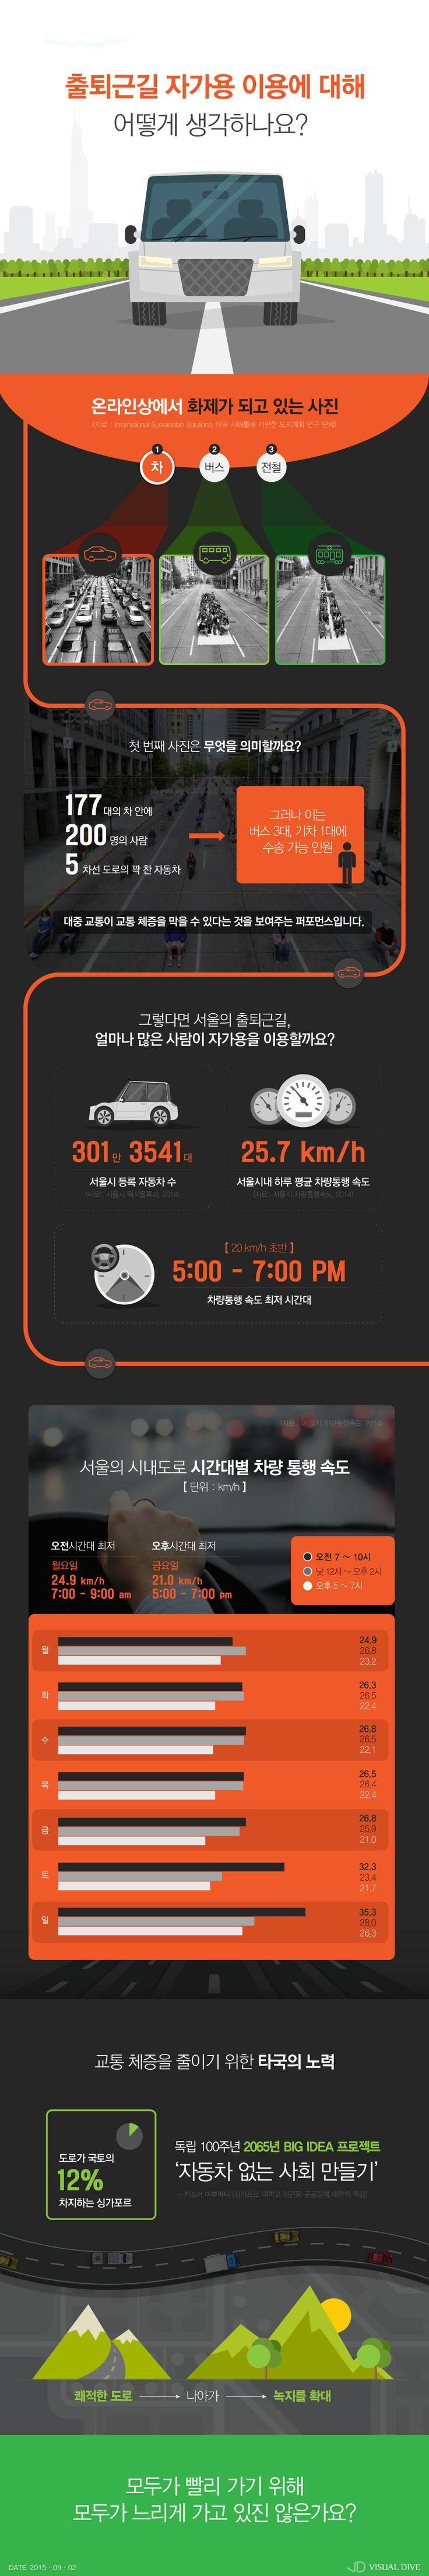 서울시 출퇴근길 차량 통행 속도 최저, 해결방안은? [인포그래픽] #Speed / #Infographic ⓒ 비주얼다이브 무단 복사·전재·재배포 금지